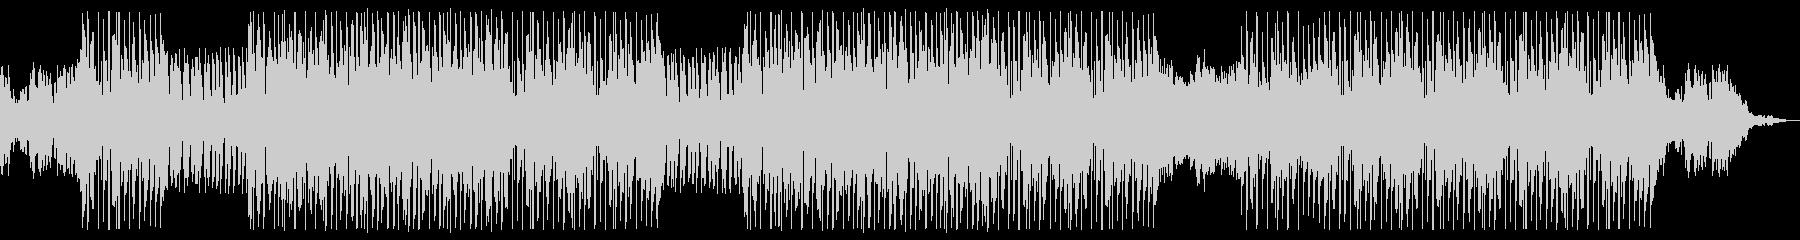 古き良き洋楽サウンドのビートの未再生の波形